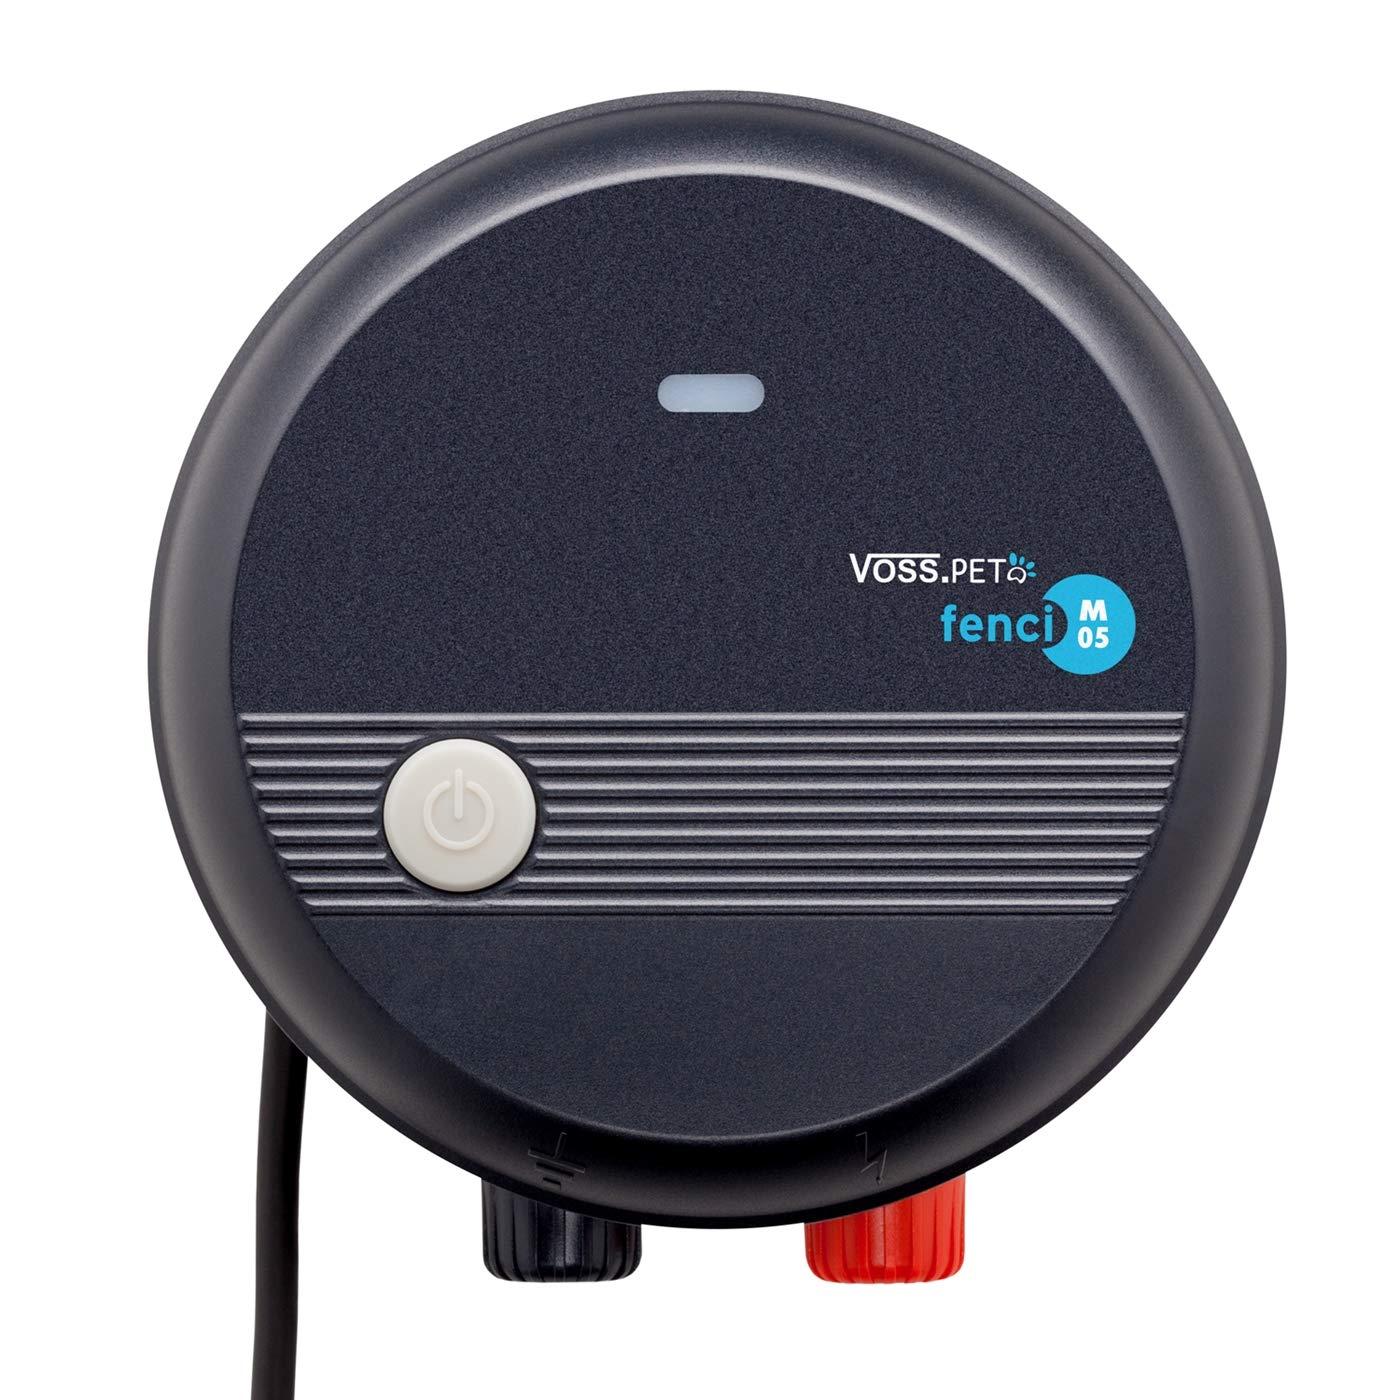 PET Pastor eléctrico fenci M05, Electrificador de cercados 230V, para Perros, Gatos y Uso en el jardín: Amazon.es: Jardín